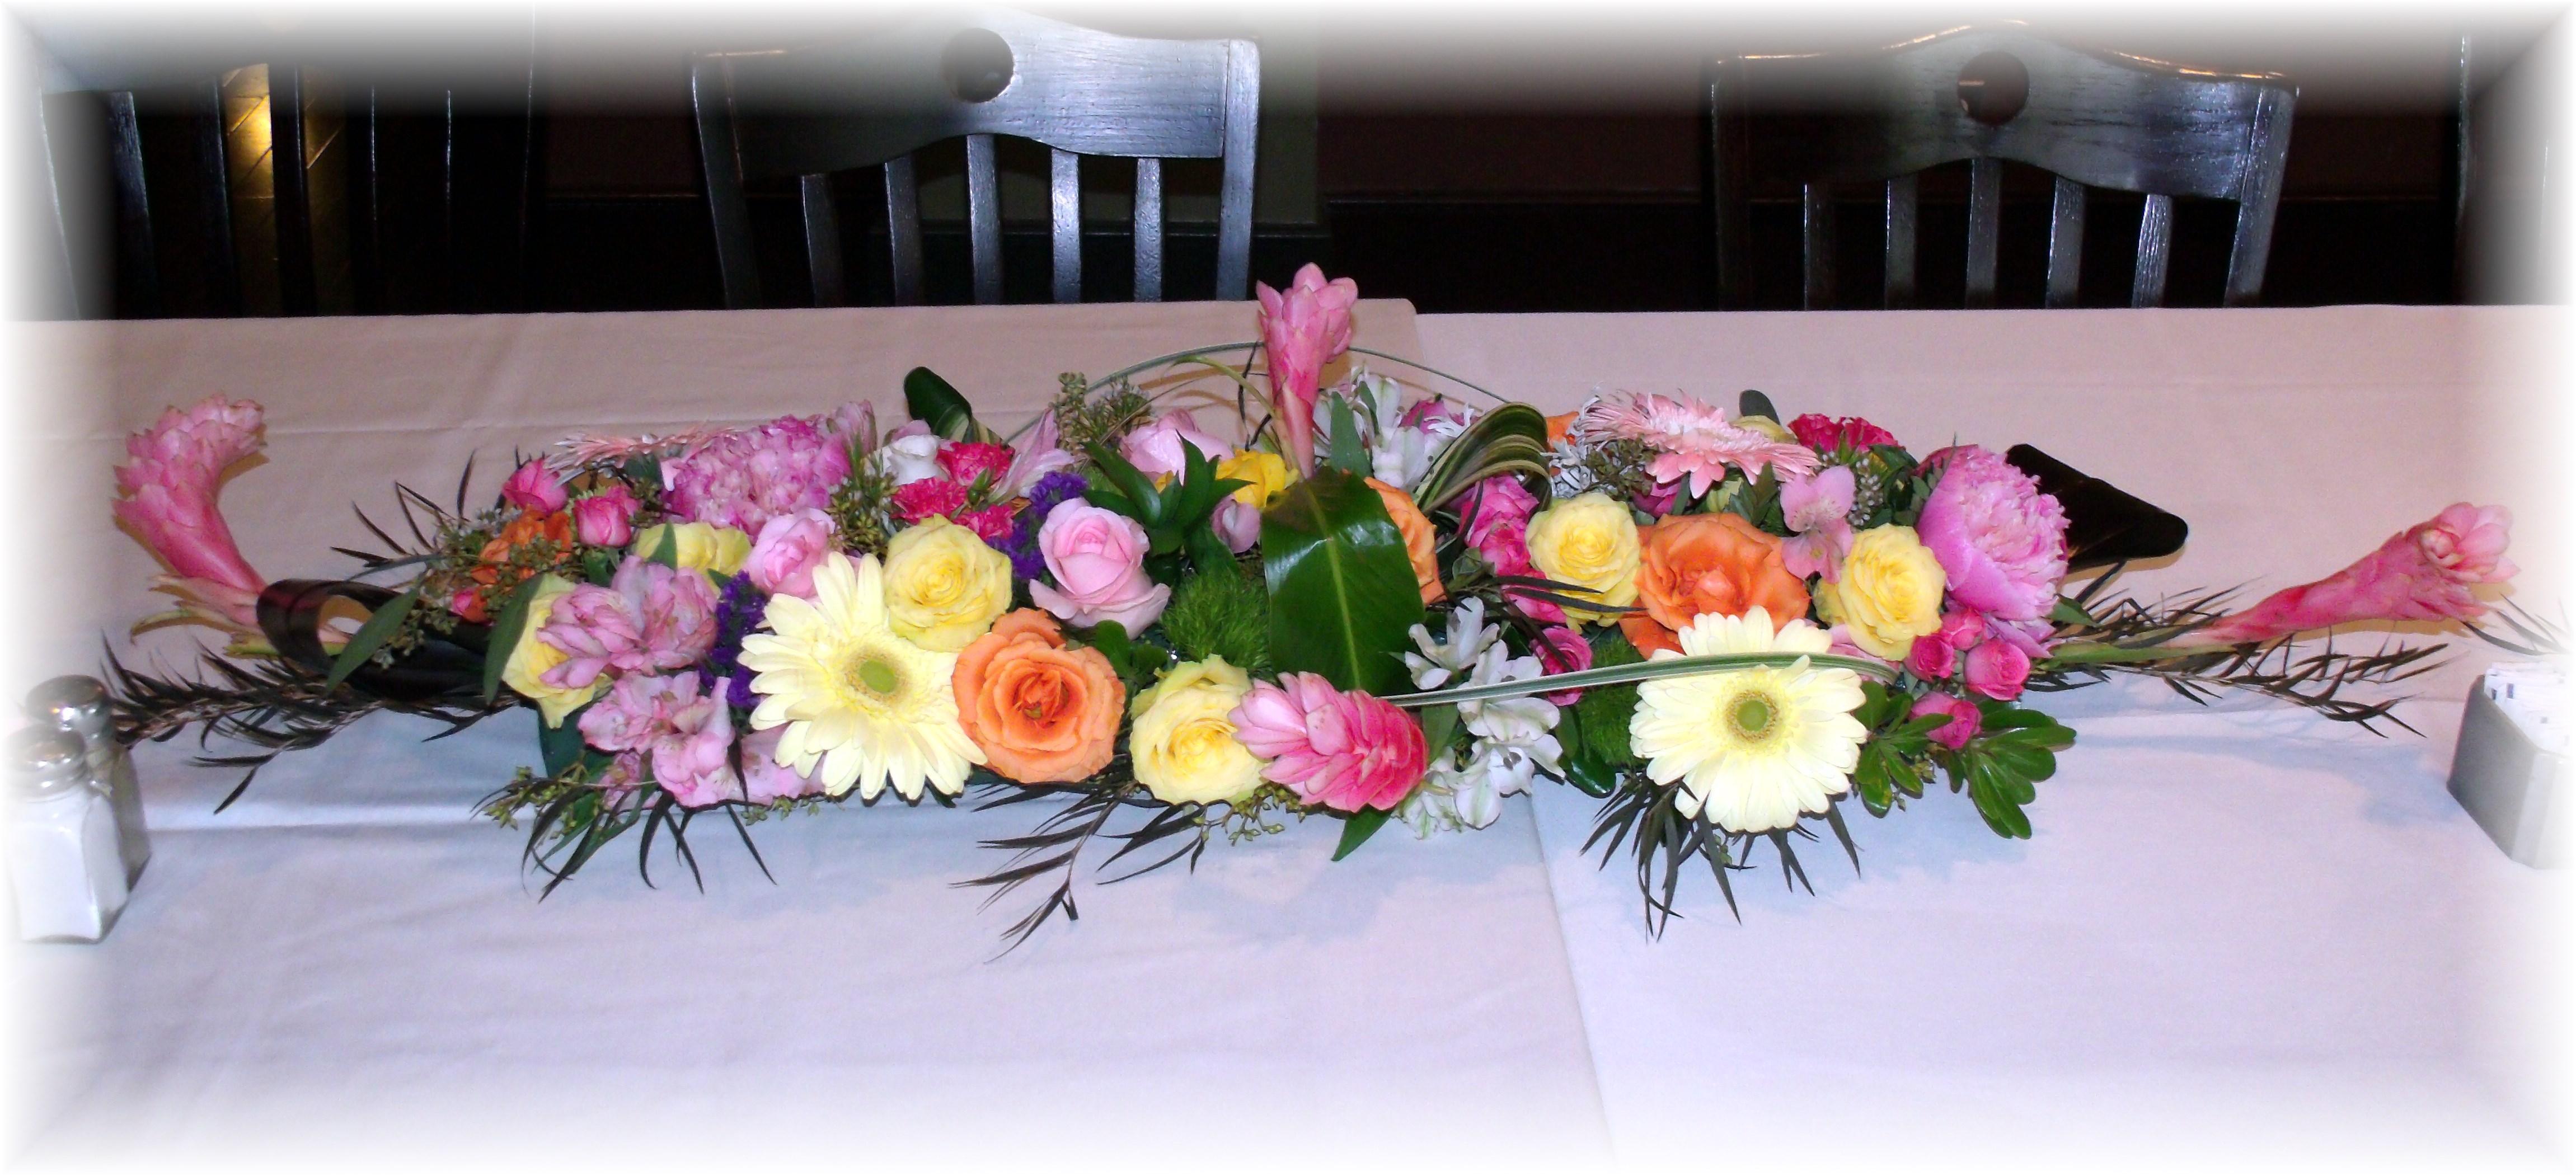 Long & low mixed flower centerpiece